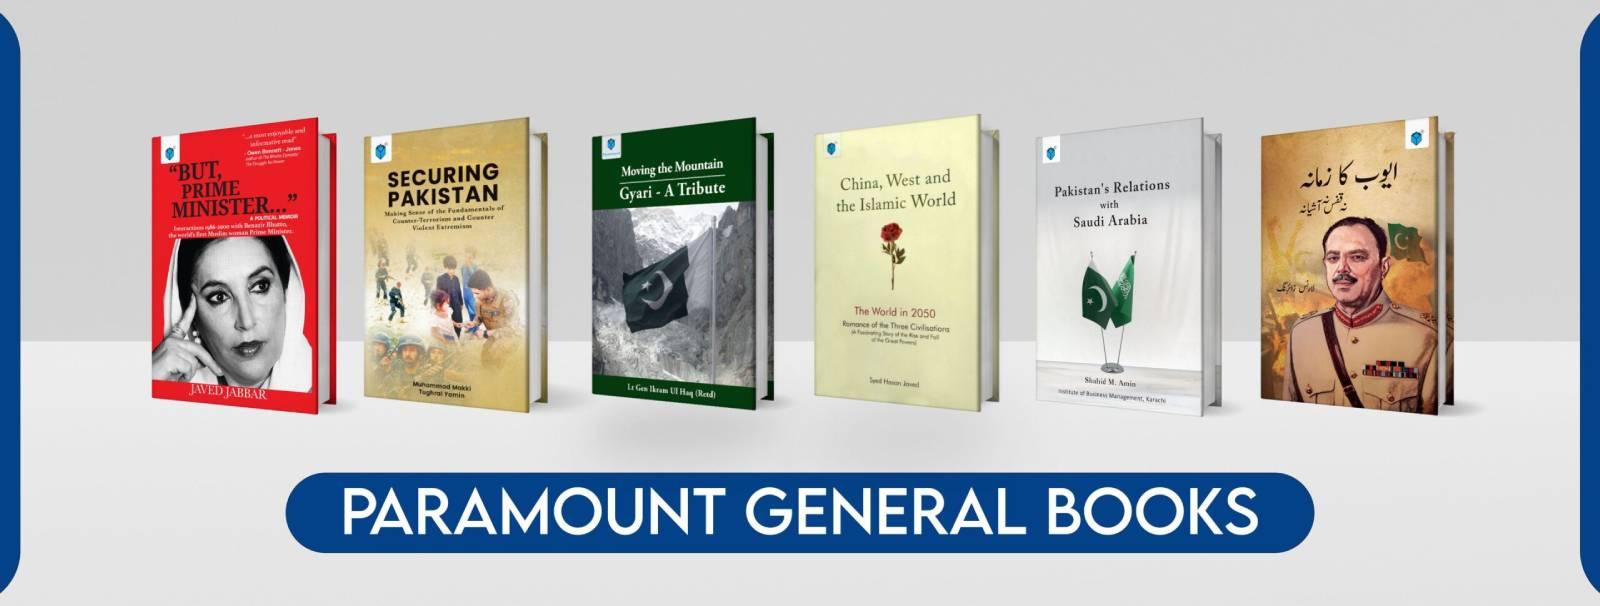 GENERAL-BOOK-SLIDER-2-min-scaled